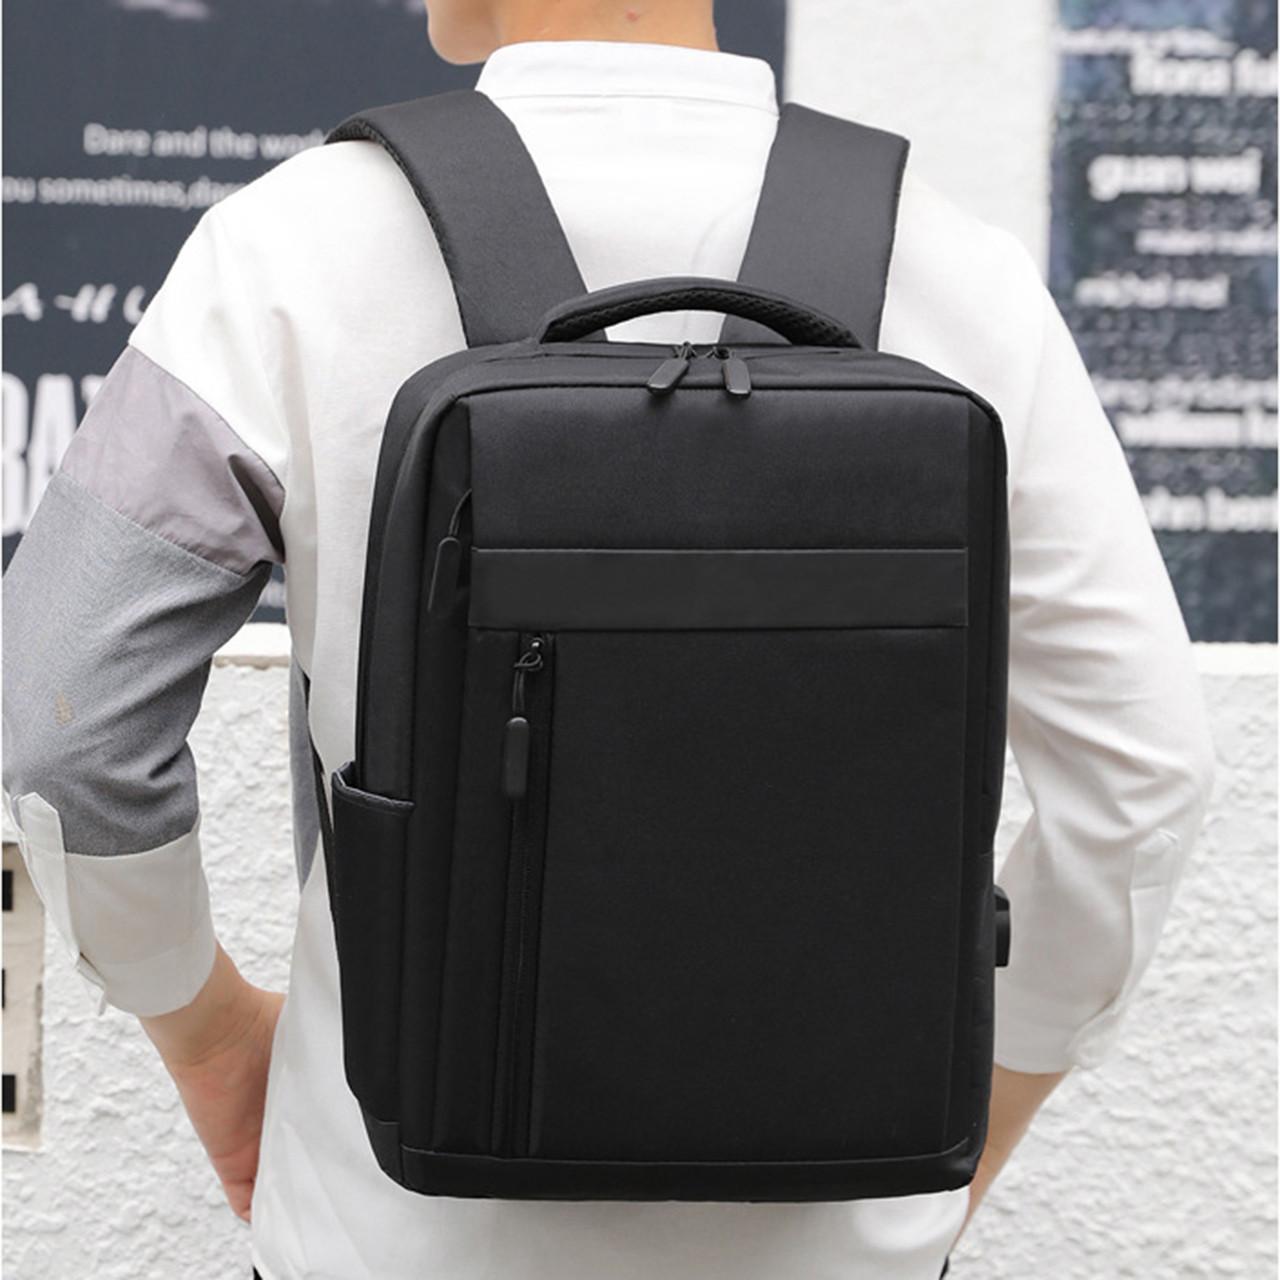 Рюкзак ділової чорний 3 відділення з USB